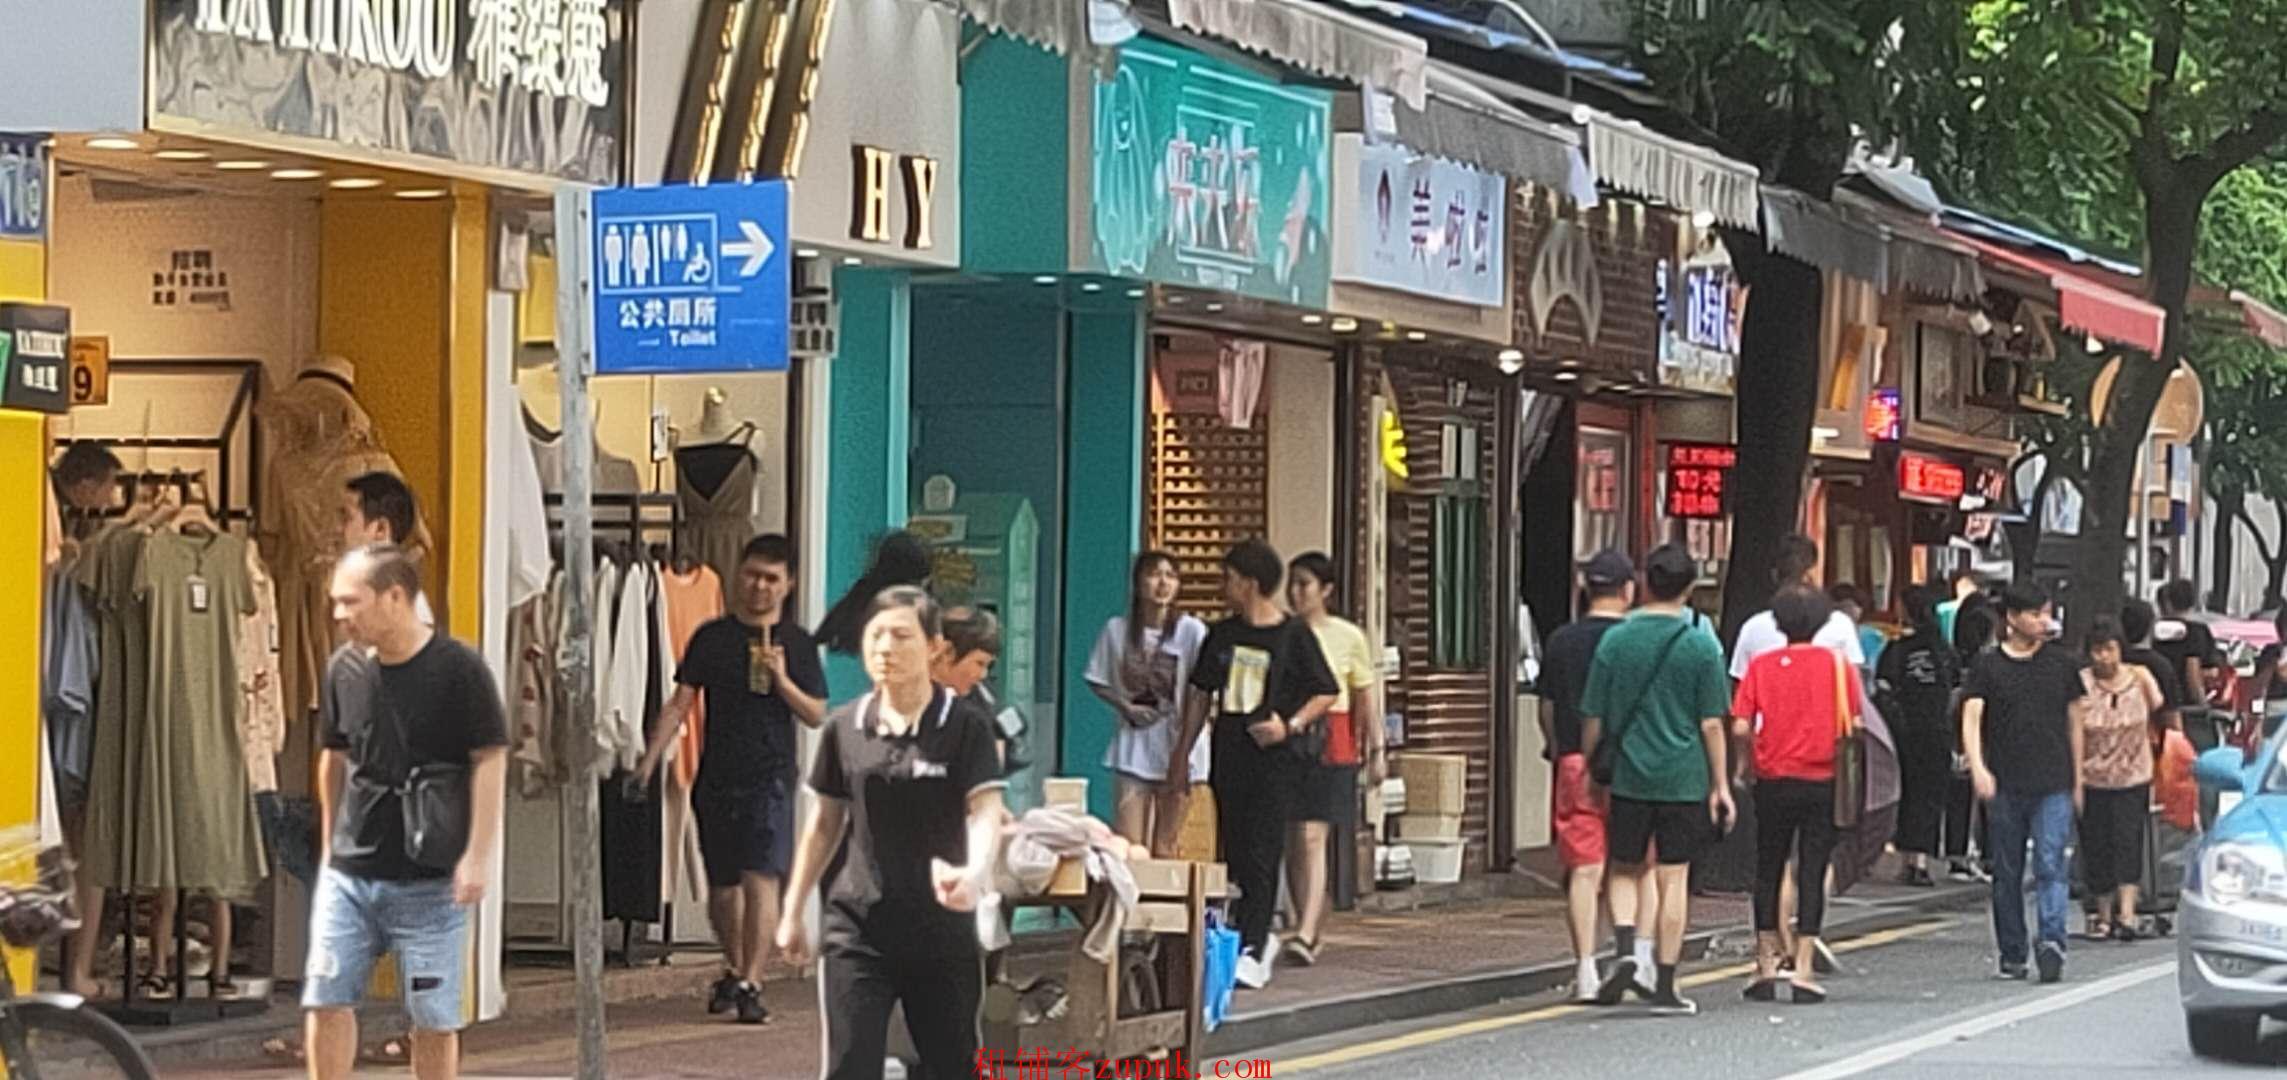 客村,艺苑南路,小吃店,门口人超多,可各种餐饮,证照齐全